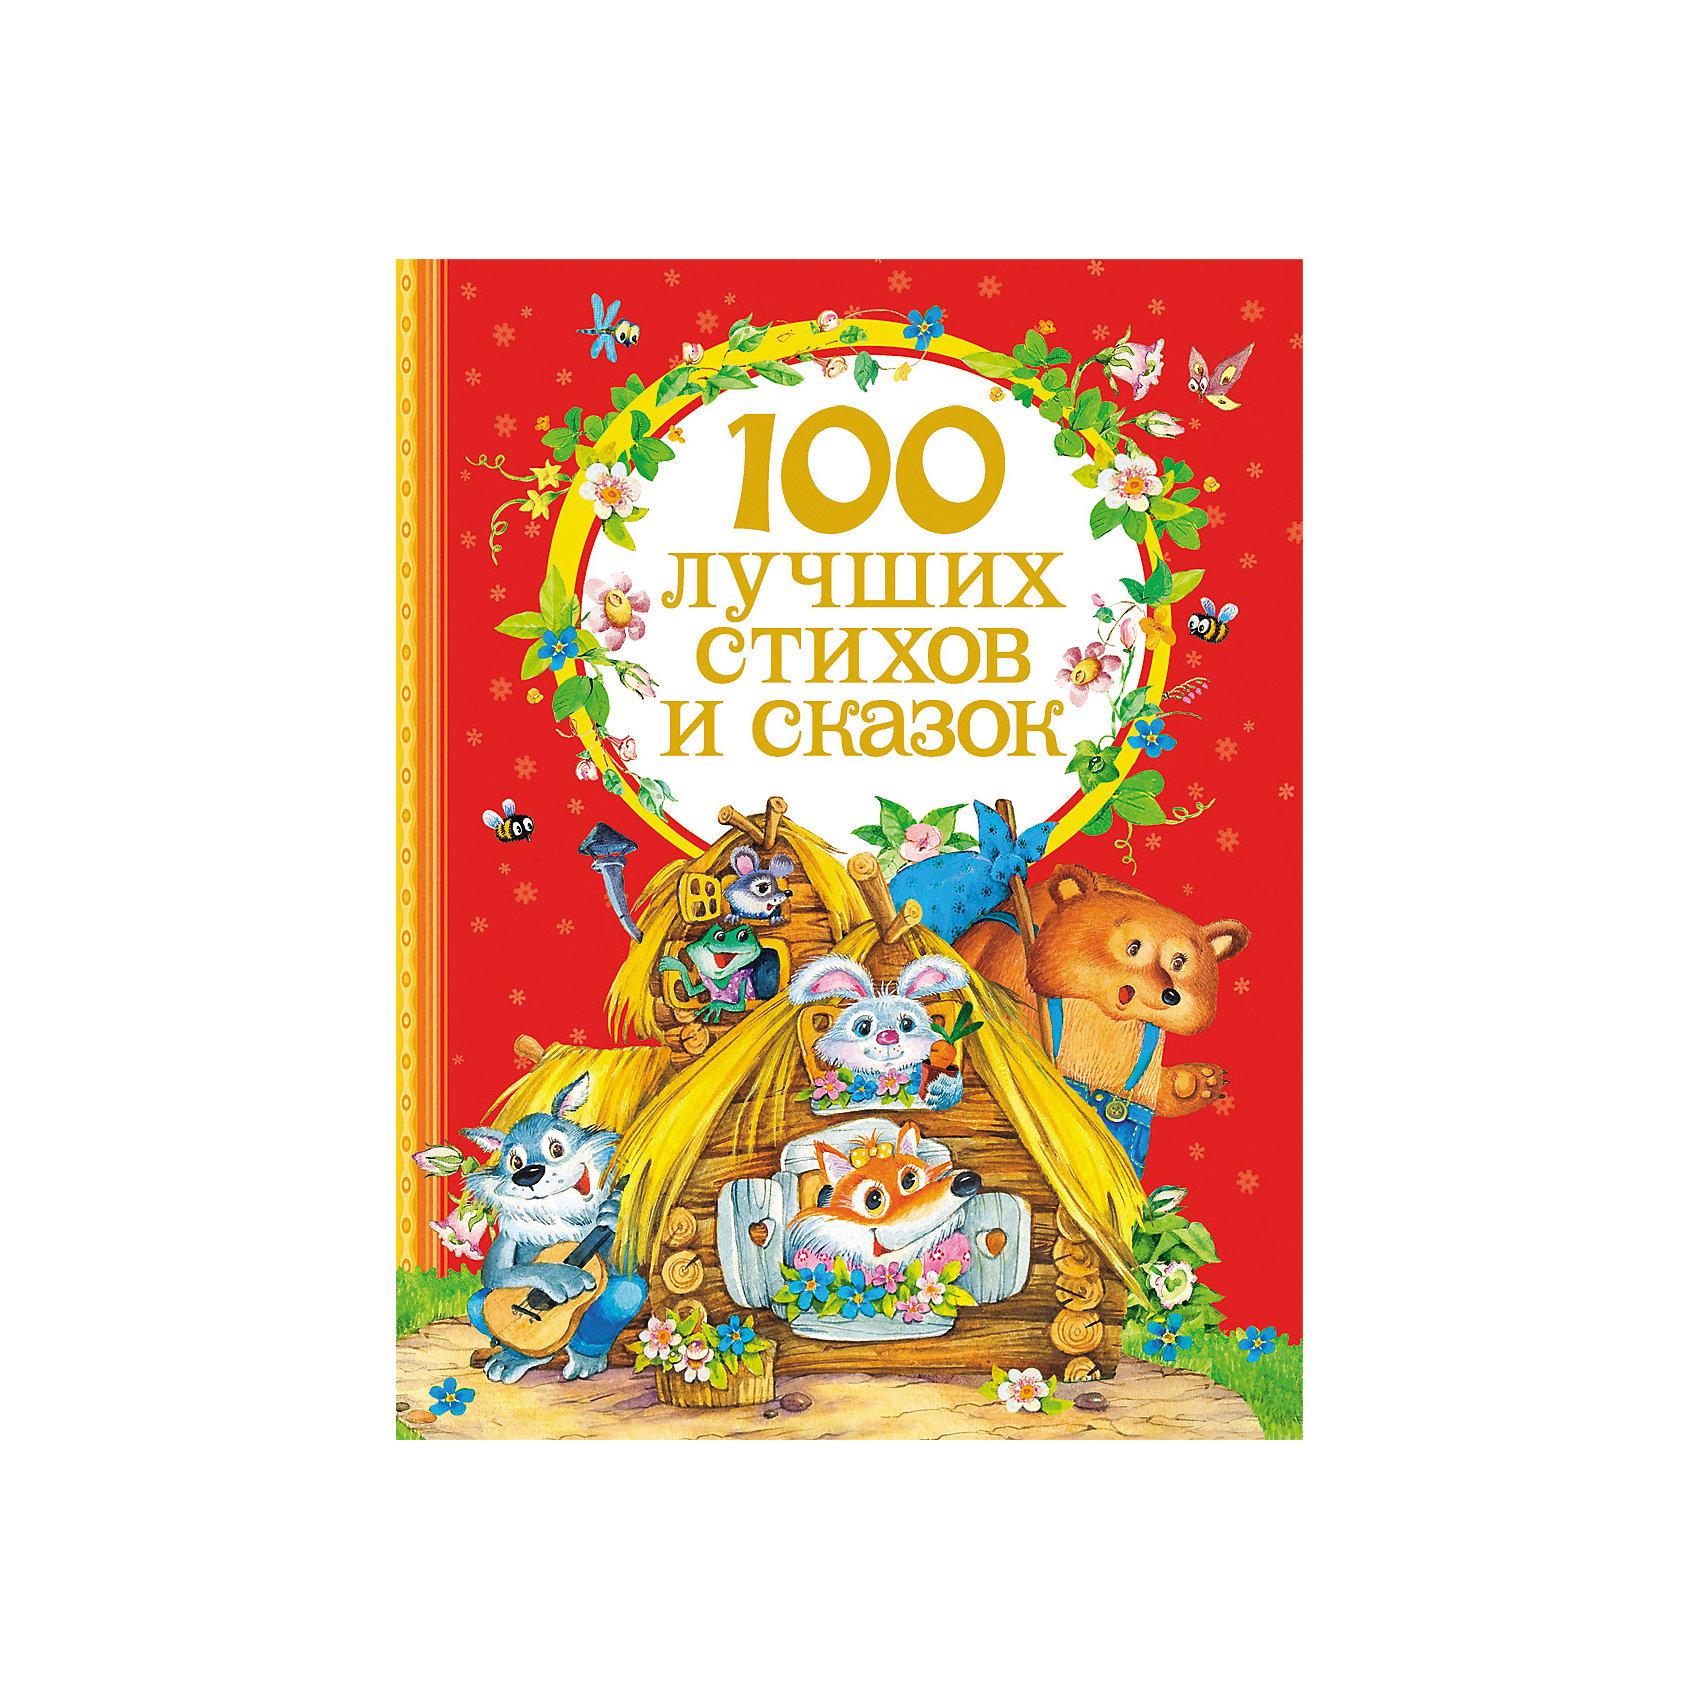 100 лучших стихов и сказокРосмэн<br>Книга 100 лучших стихов и сказок Росмэн - сборник классических произведений для детей старше 3 лет. Это и произведения устного народного творчества, авторские сказки русских и зарубежных писателей, а также известные стихи для детей.<br><br>ХАРАКТЕРИСТИКИ:<br><br>количество страниц: 240<br>иллюстрации: цветные<br>обложка: твердая<br>размер книги: 265х205x20 мм<br>вес: 740 г.<br><br>Ширина мм: 265<br>Глубина мм: 205<br>Высота мм: 20<br>Вес г: 740<br>Возраст от месяцев: 36<br>Возраст до месяцев: 144<br>Пол: Унисекс<br>Возраст: Детский<br>SKU: 4782450